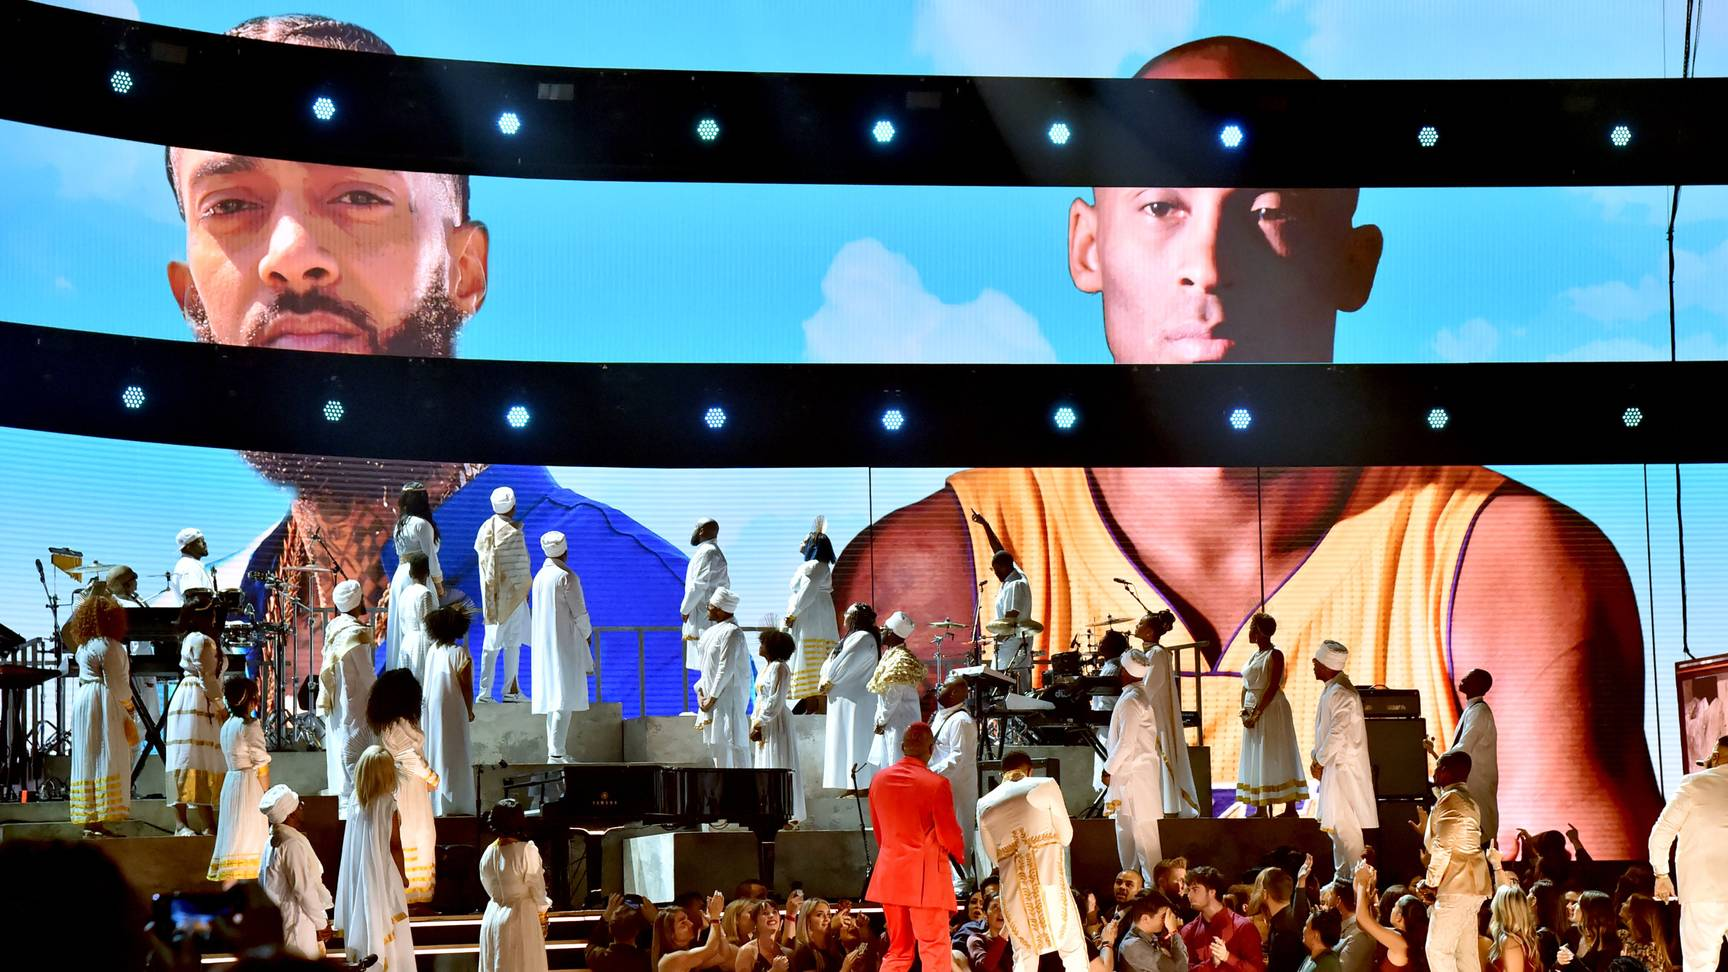 sân khấu tưởng niệm Nipsey Hussle và Kobe Bryant tại Grammy 2020